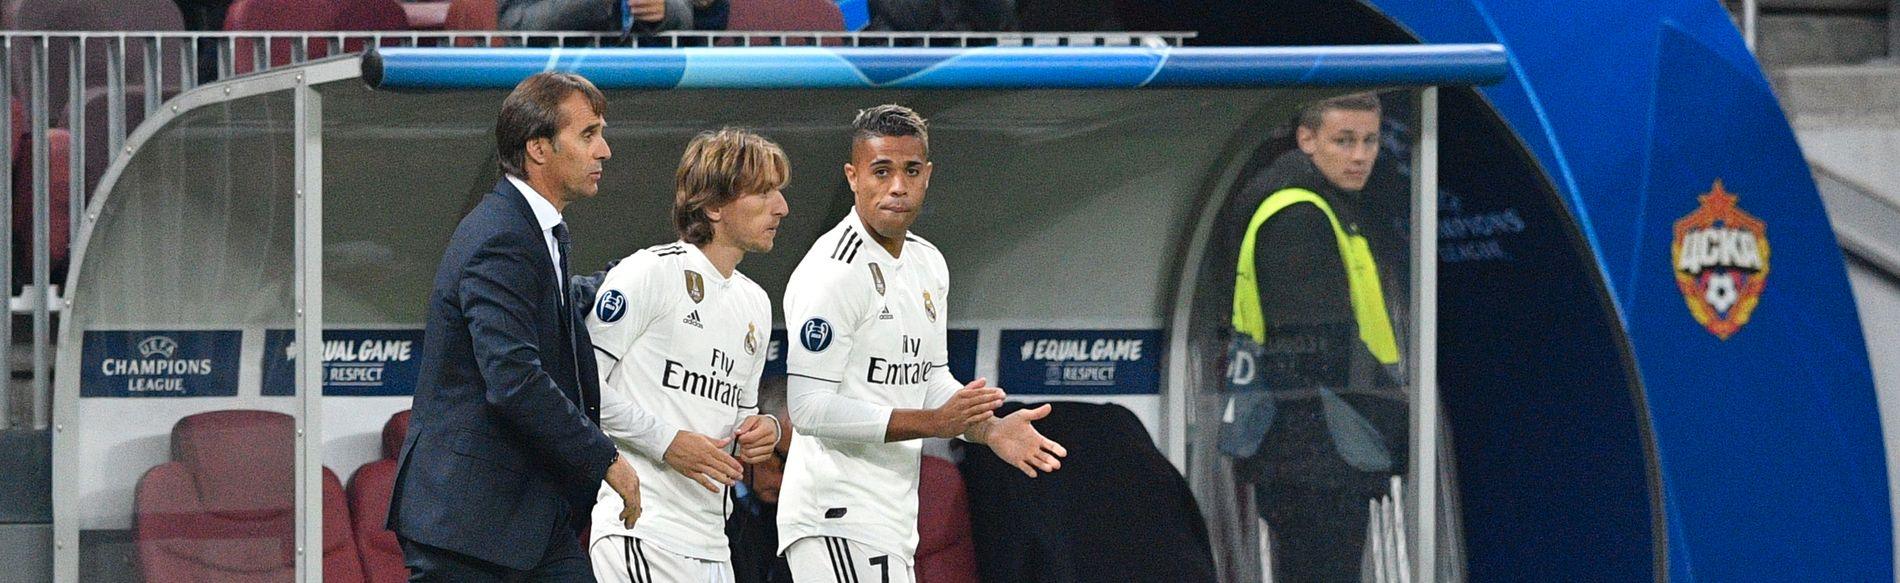 INGEN INNBYTTER-SUKSESS: Julen Lopetegui kastet inn Luka Modric og Mariano for å jakte mål, men endte med 0–1-tap.